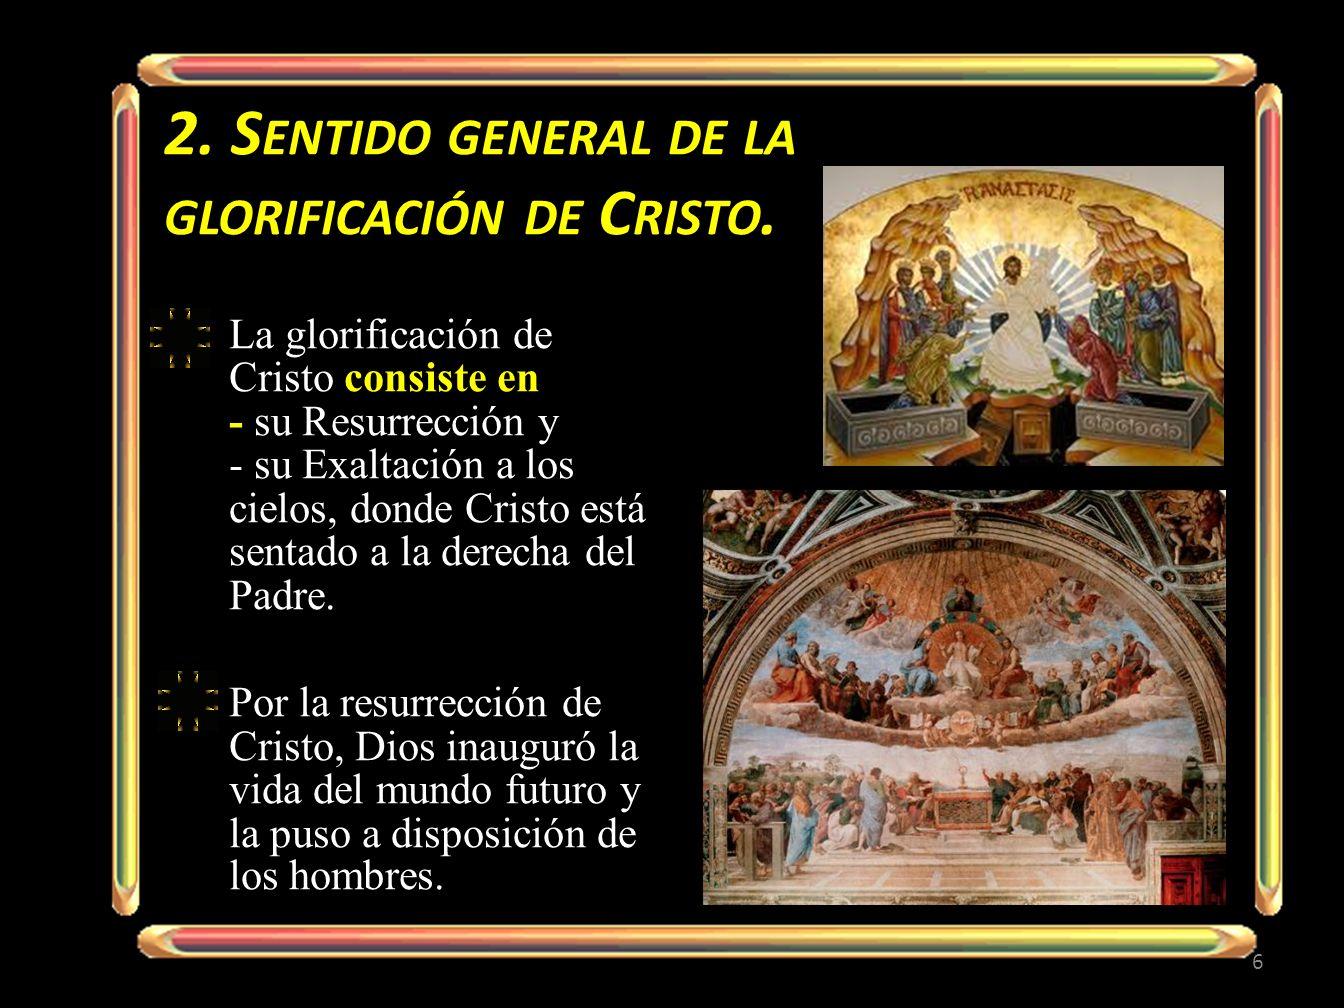 2. Sentido general de la glorificación de Cristo.